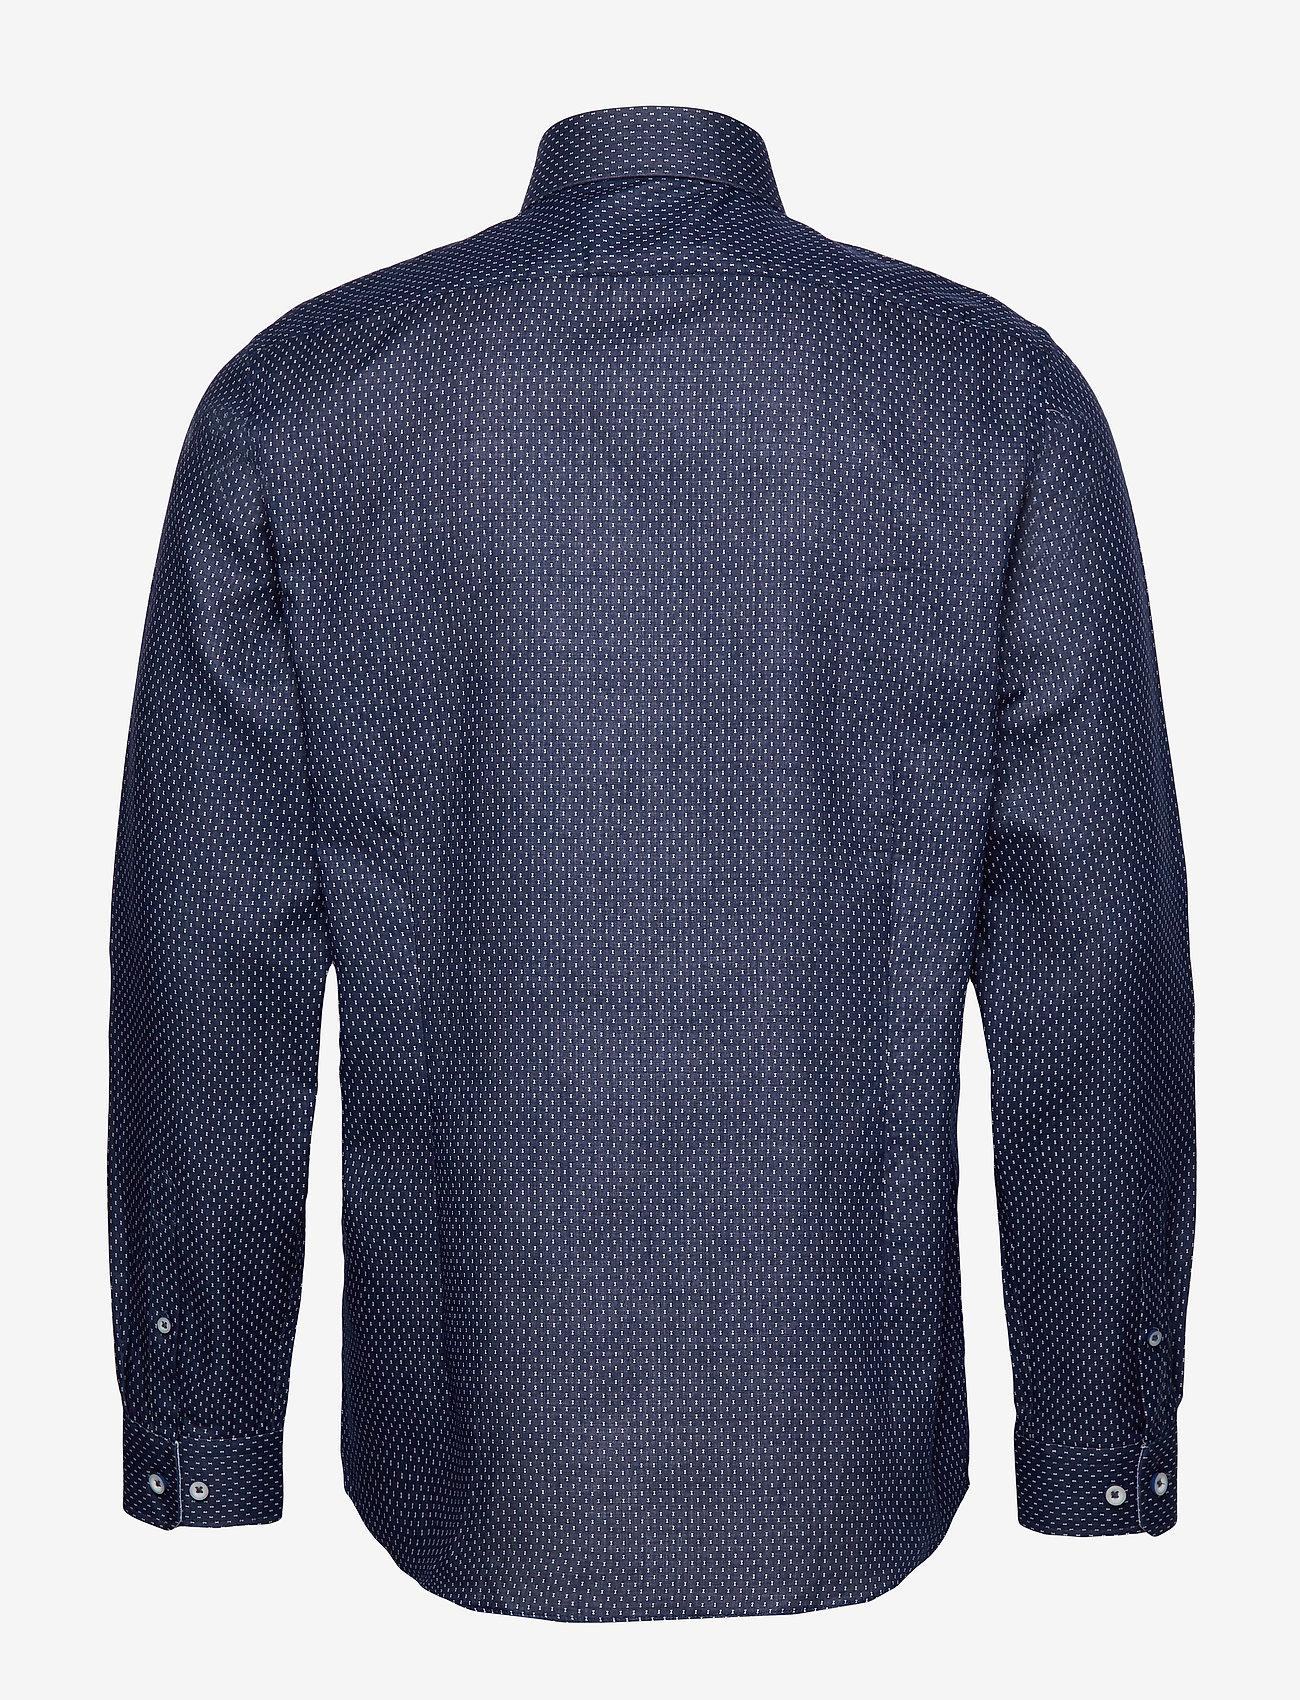 Lindbergh Small structure shirt L/S - Skjorter DARK BLUE - Menn Klær